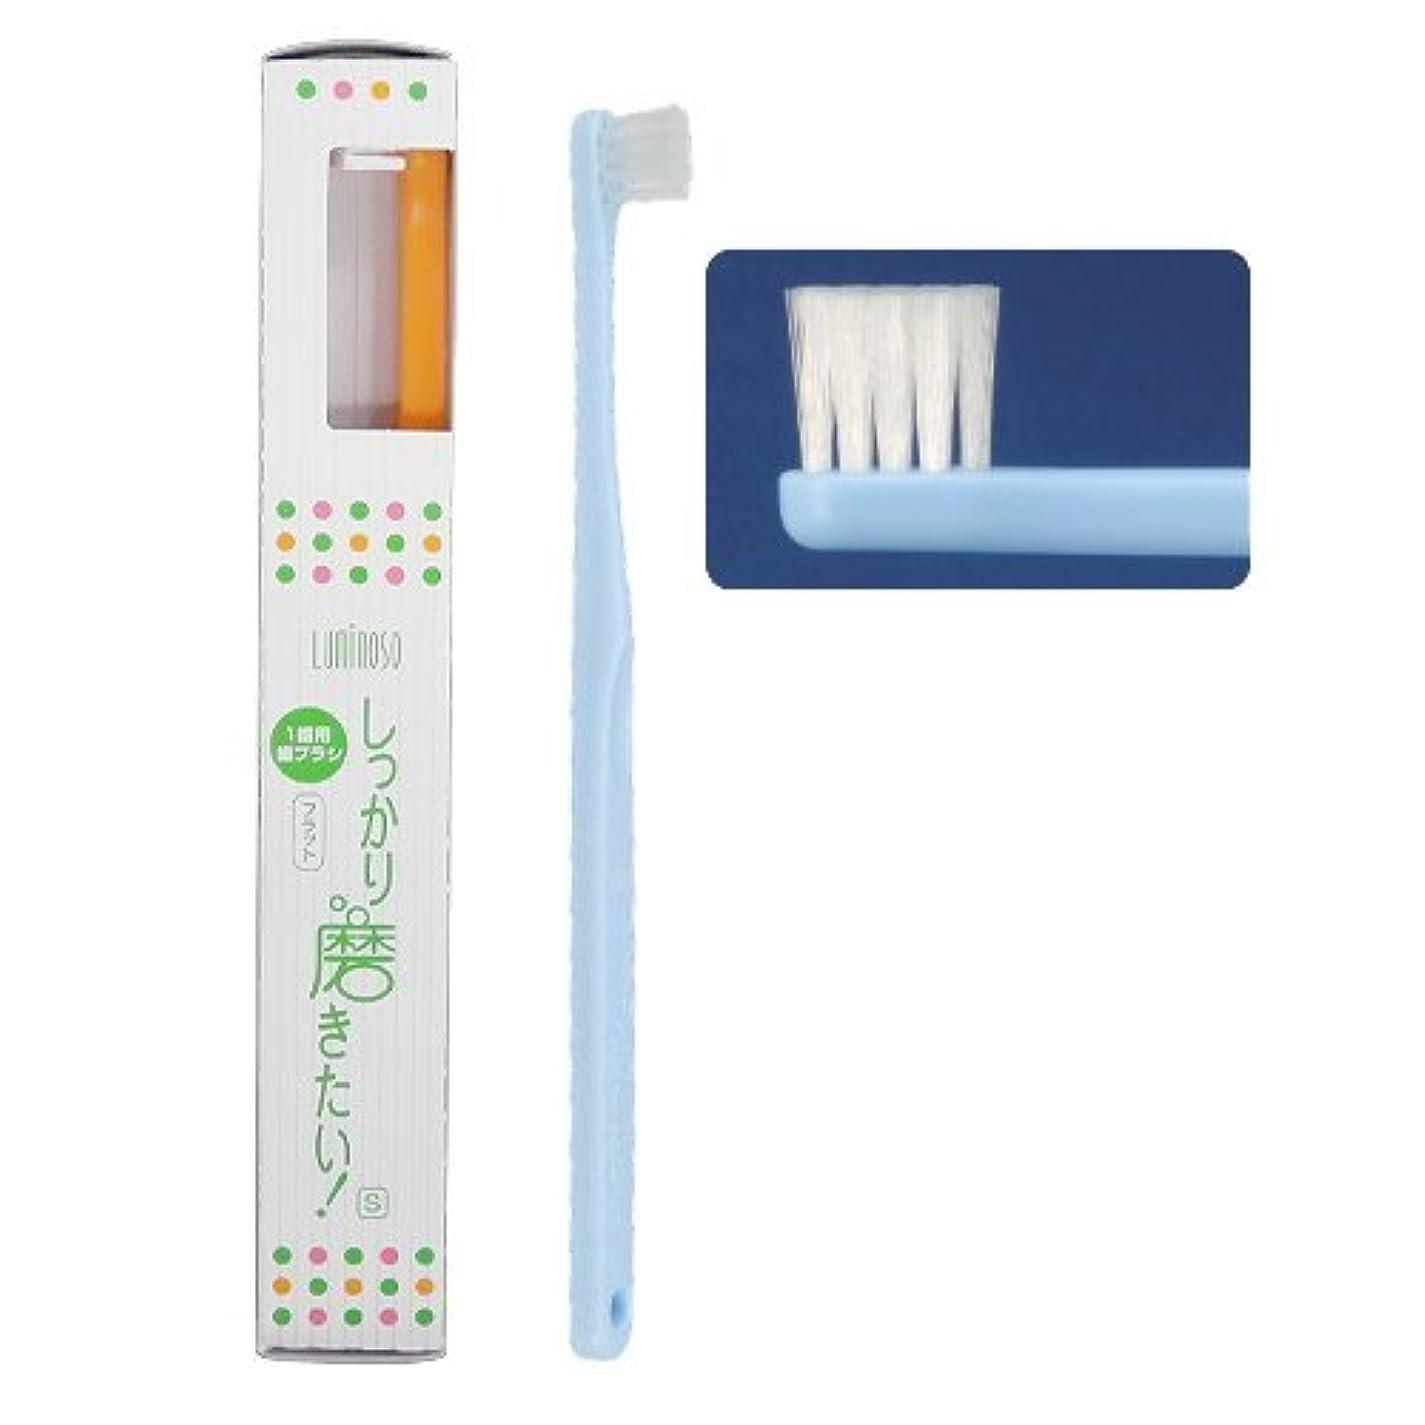 職業ひばり薄いですルミノソ 1歯用歯ブラシ 「しっかり磨きたい!」 フラット ソフト (カラー指定不可) 3本